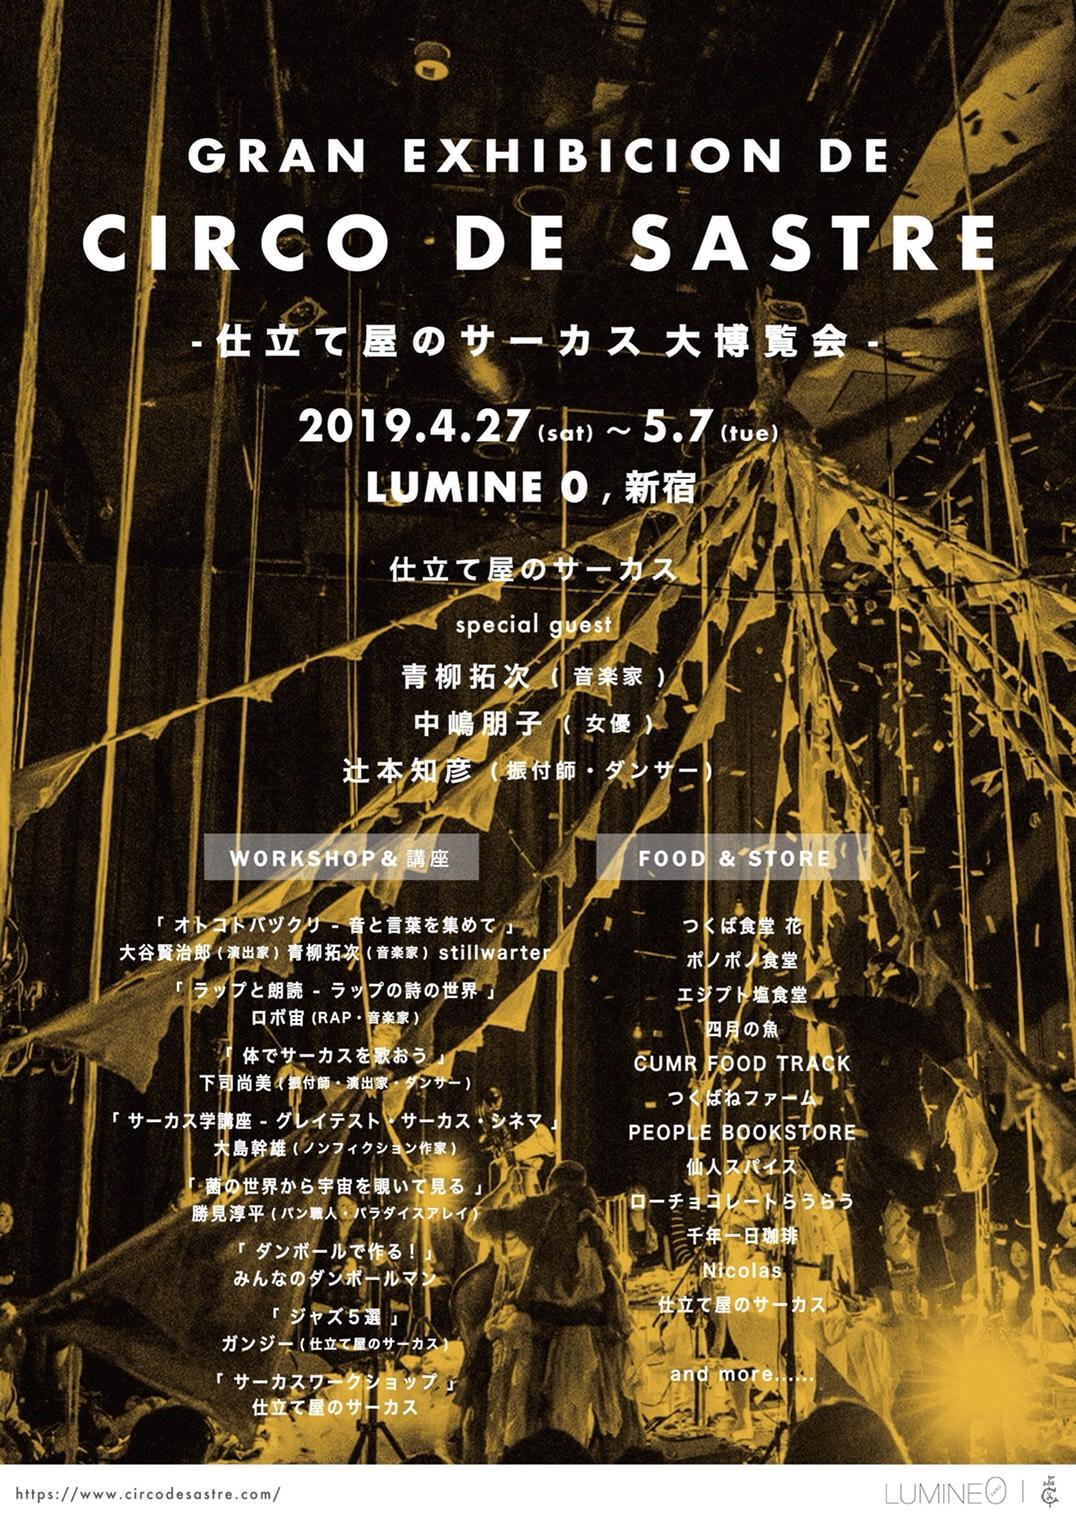 仕立て屋のサーカス大博覧会 - Gran Exhibición de Circo de Sastre・5/7(火) ゲストなし